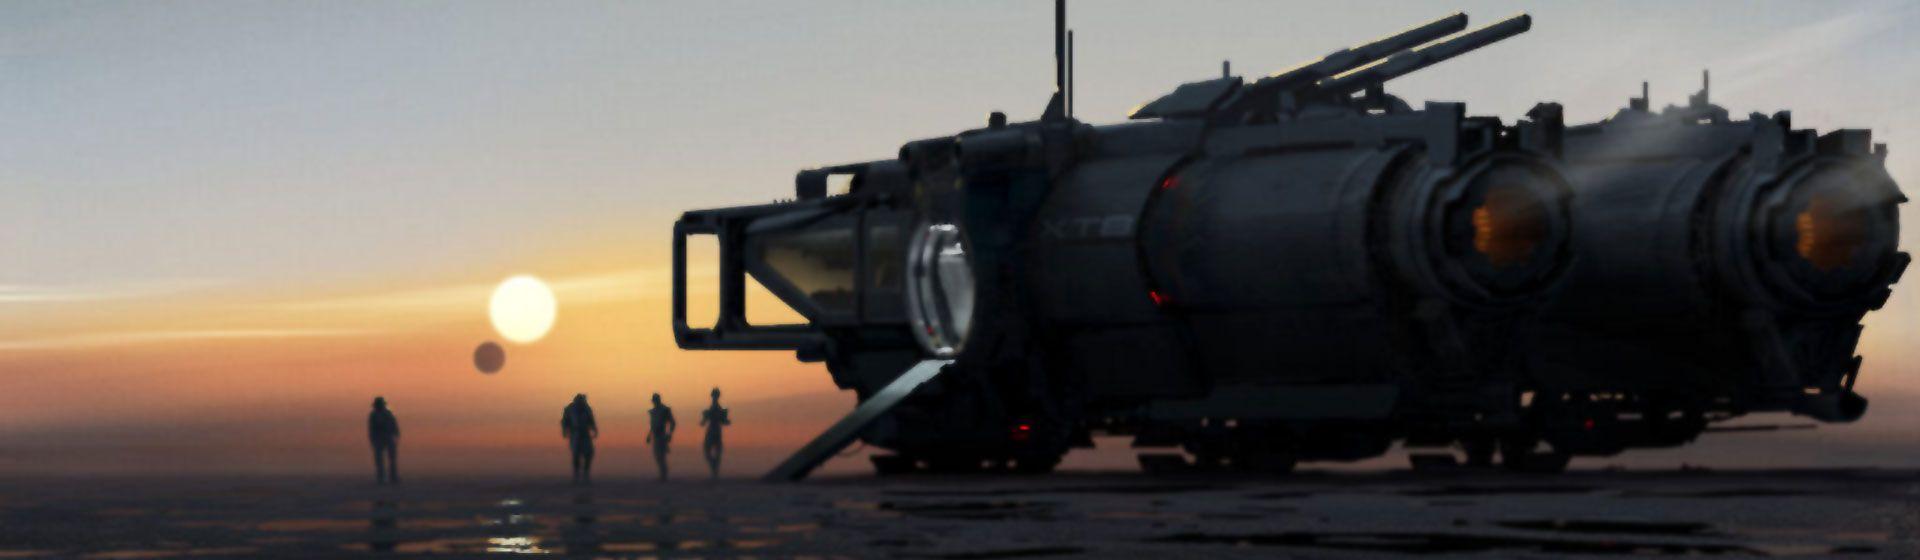 Mass Effect: Legendary Edition chega em 2021 aos consoles e PCs